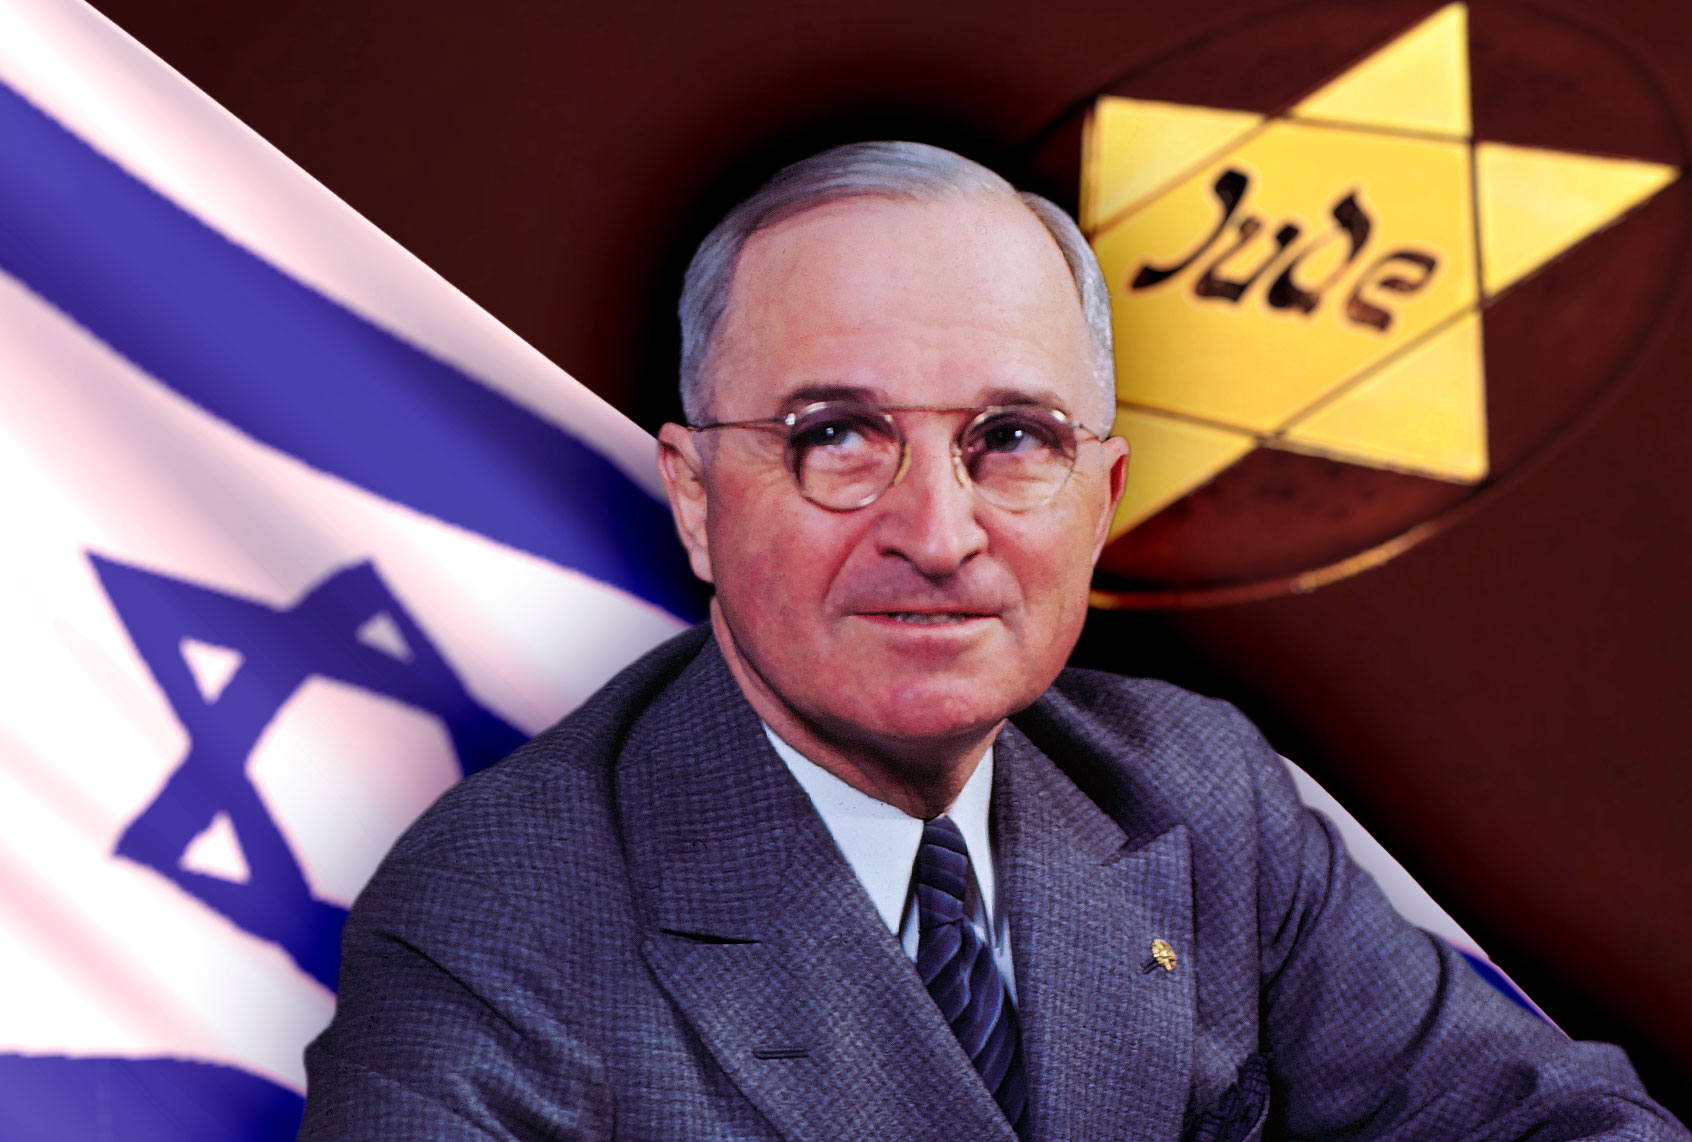 harry-truman-israel-holocaust-0514211.jp